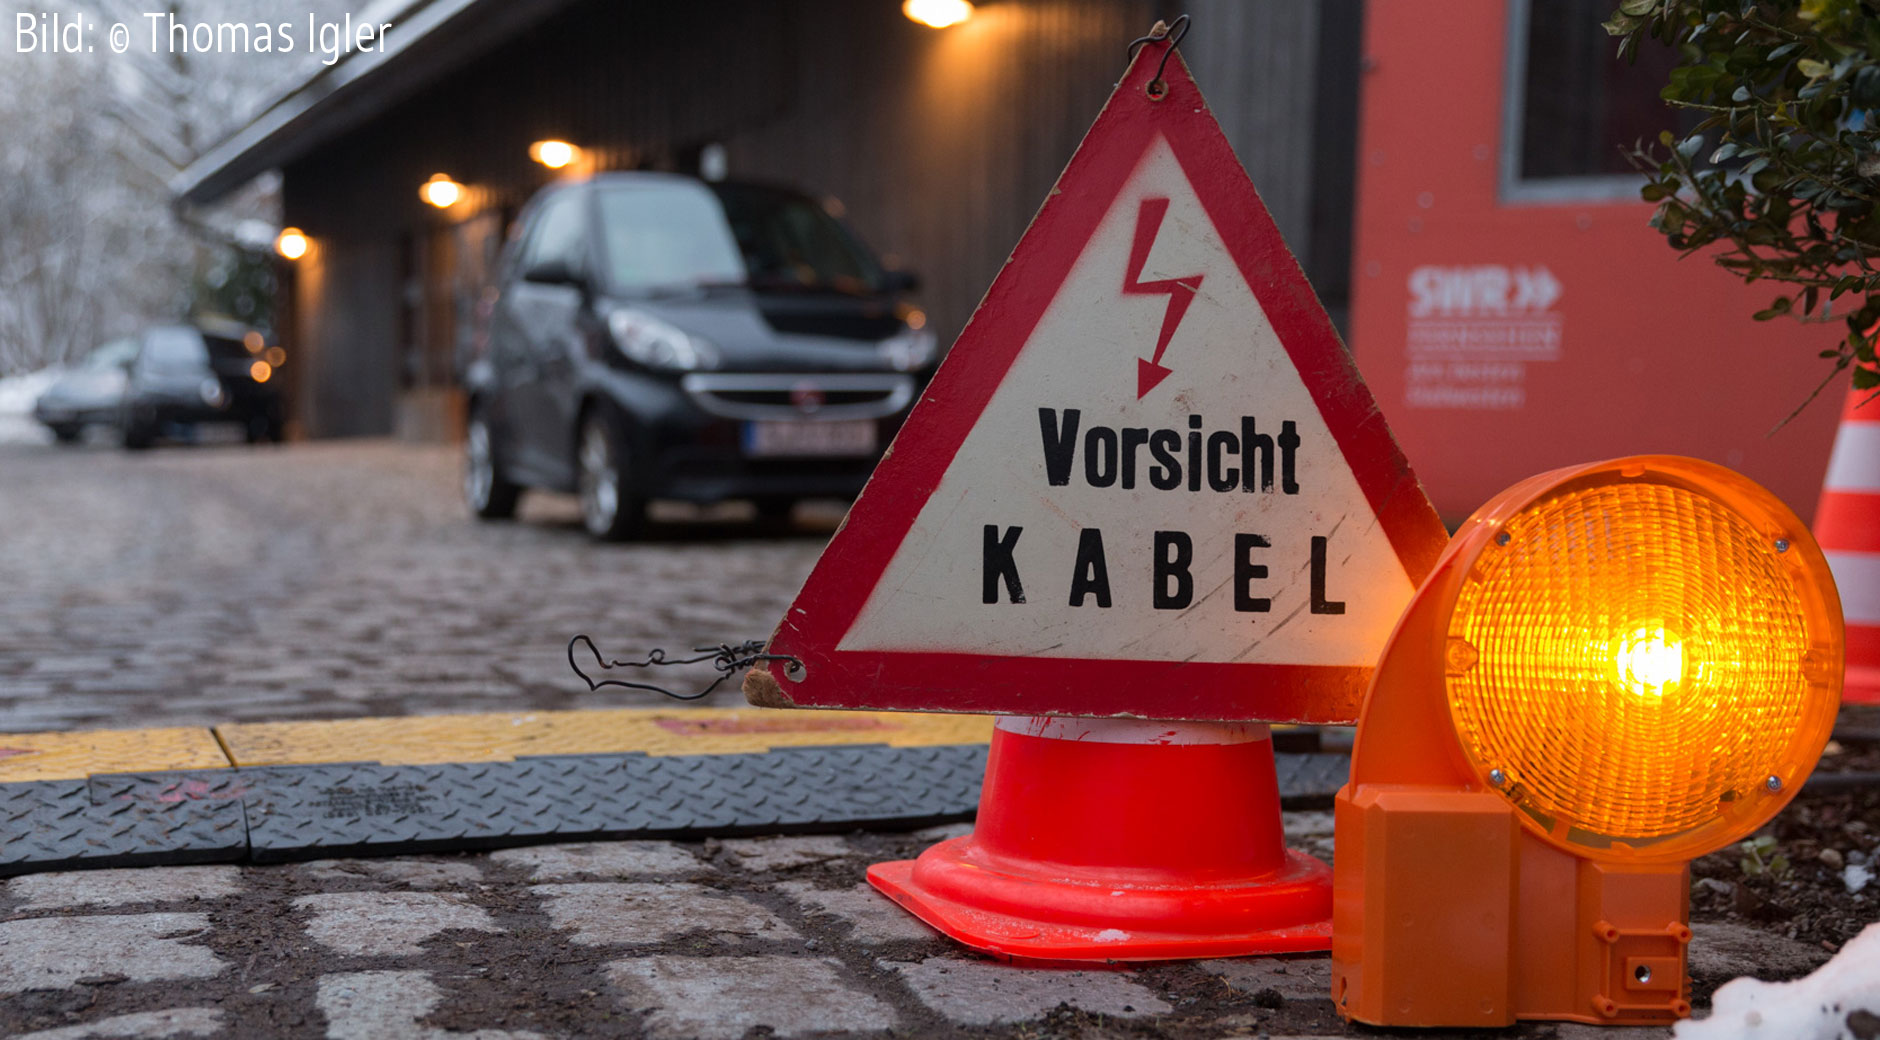 Vorsicht Kabel! Bild: © Thomas Igler